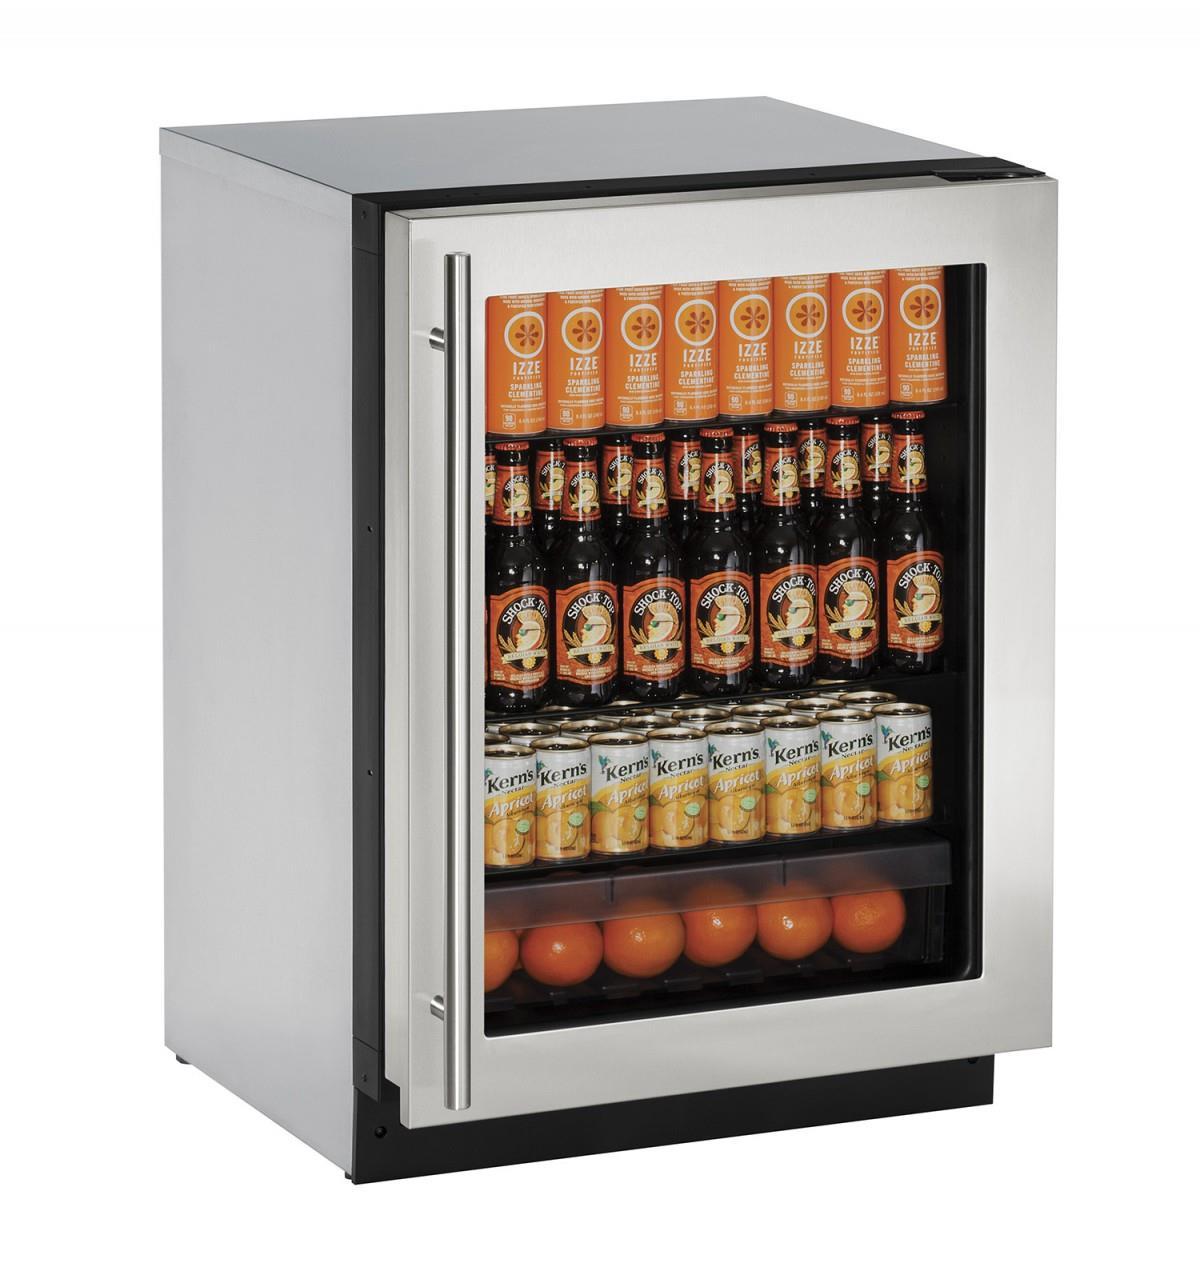 U-Line Refrigerators 4.9 Cu. Ft. 2000 Series Compact Refrigerator - Item Number: U-2224RGLS-01A